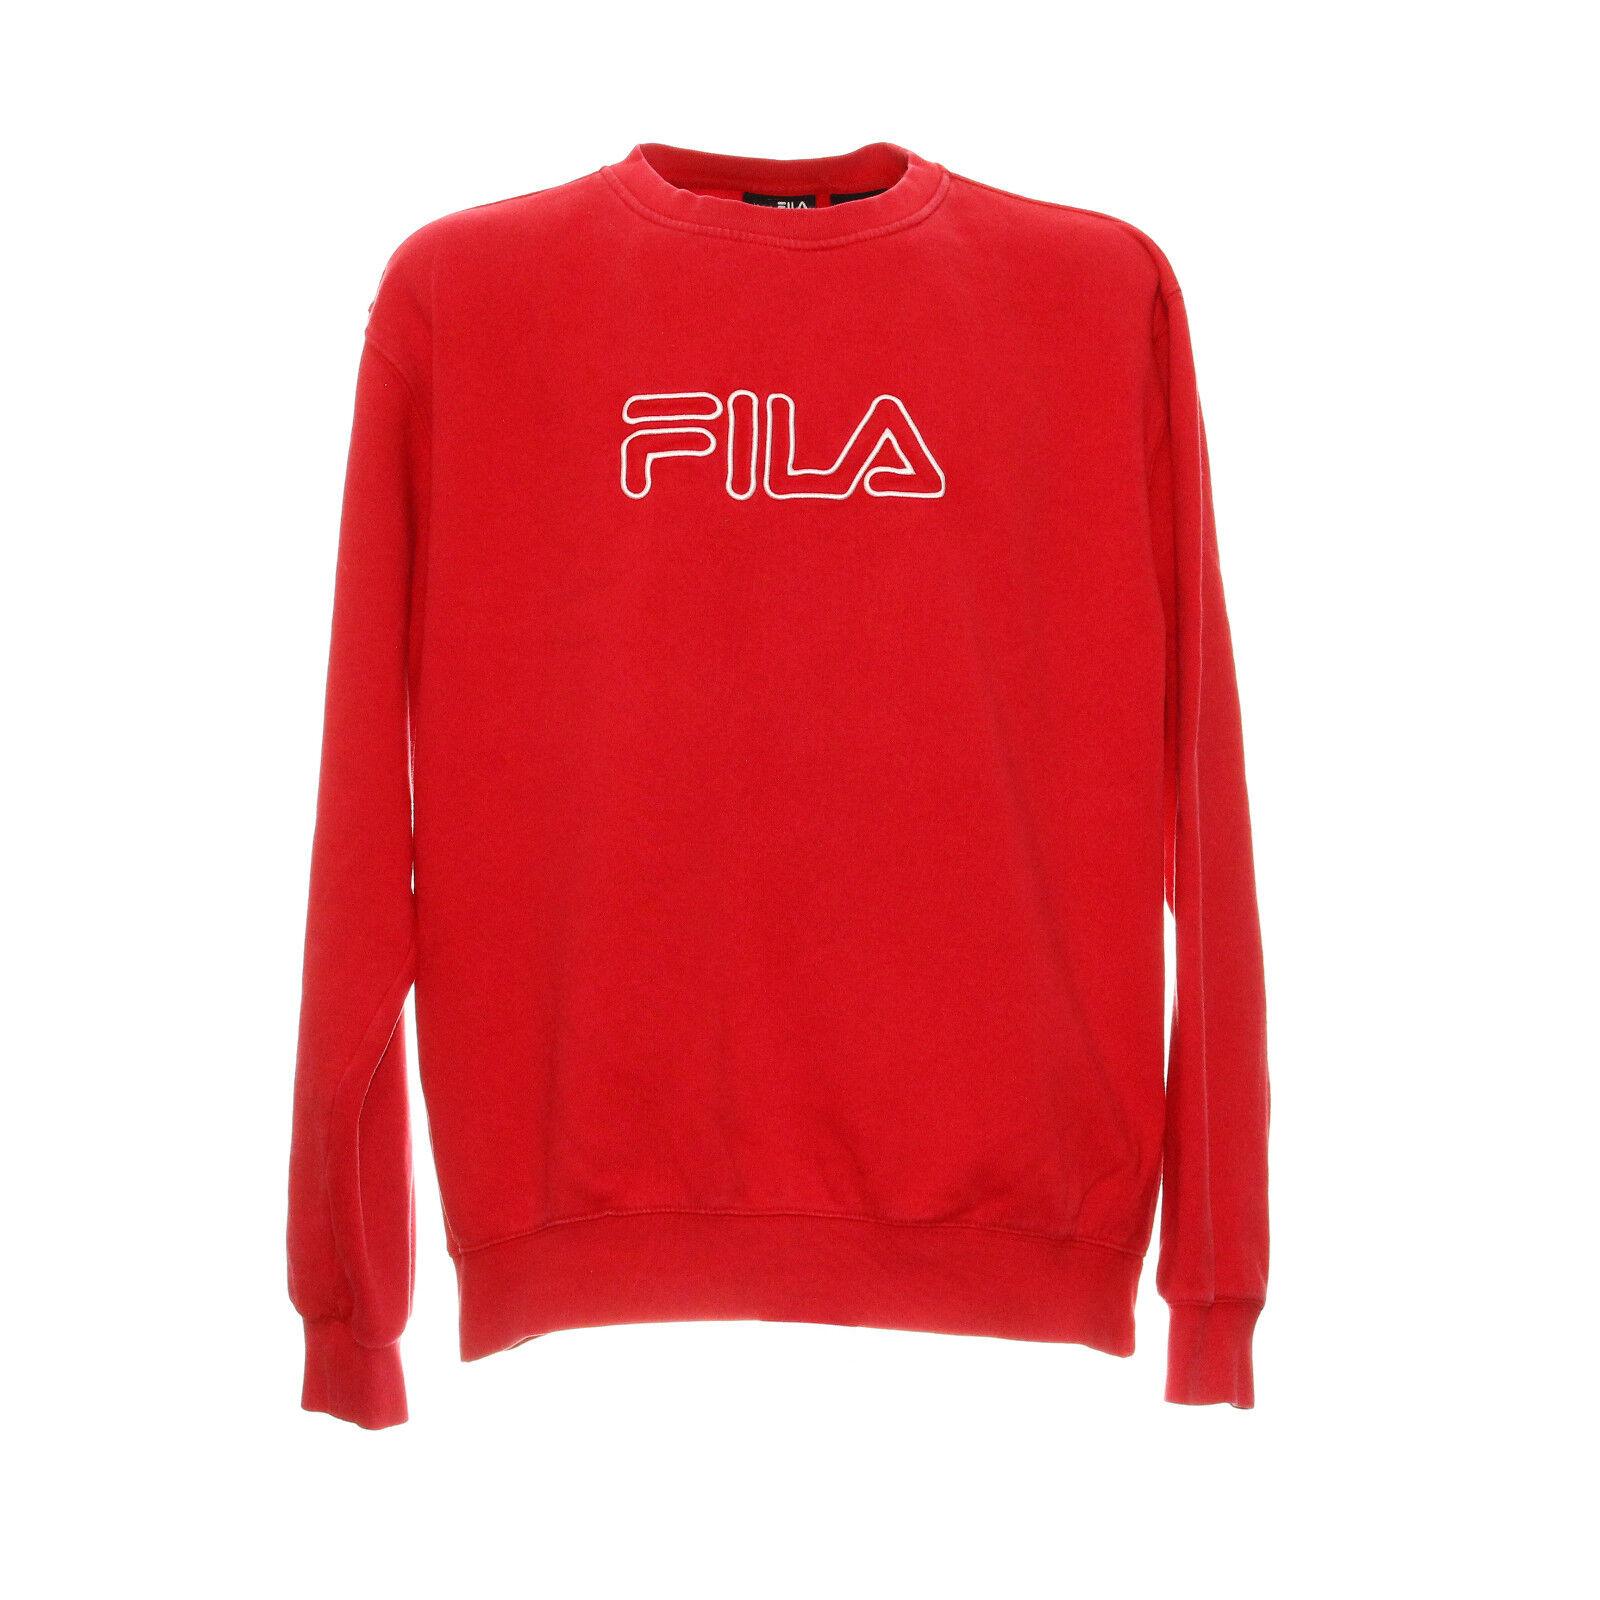 Vintage Fila Sweatshirt Langarm Größe 2XL XXL Retro Pullover Pulli Rot Stickerei